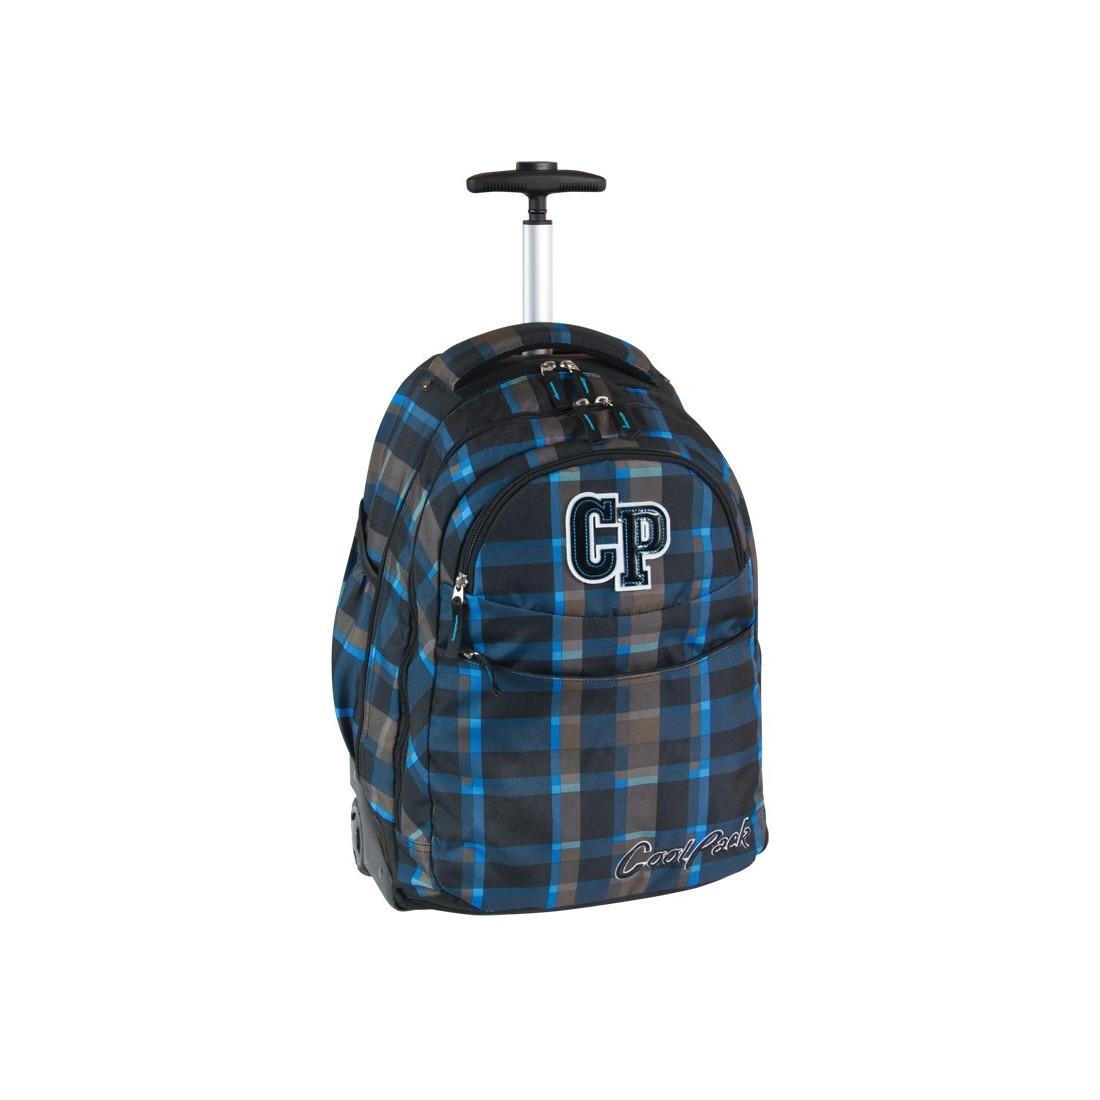 Plecak CoolPack na kółkach dla chłopca w kratkę - CP 073 - Plecaki ...